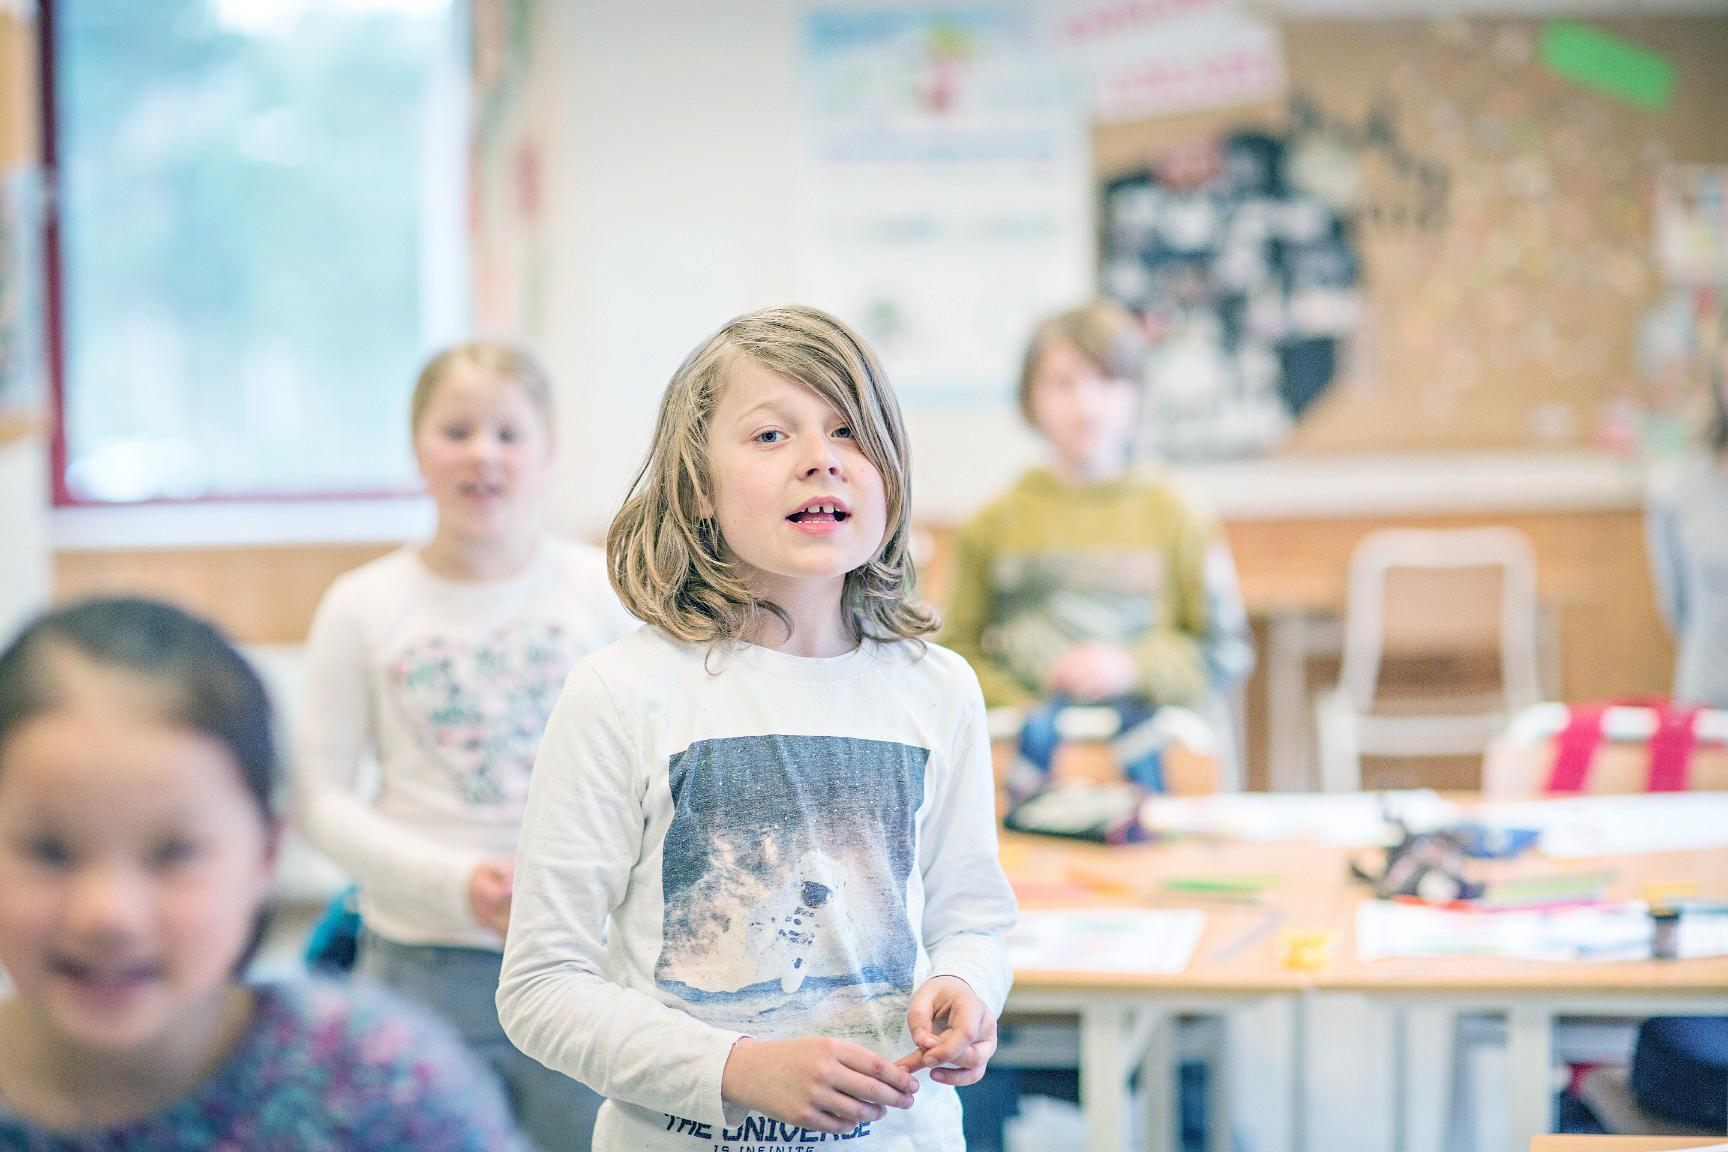 Musikk i Skolen ser med glede på det engasjementet som de siste dagene er blitt vist for sang og musikk på skolen, både i media og i sosiale medier.